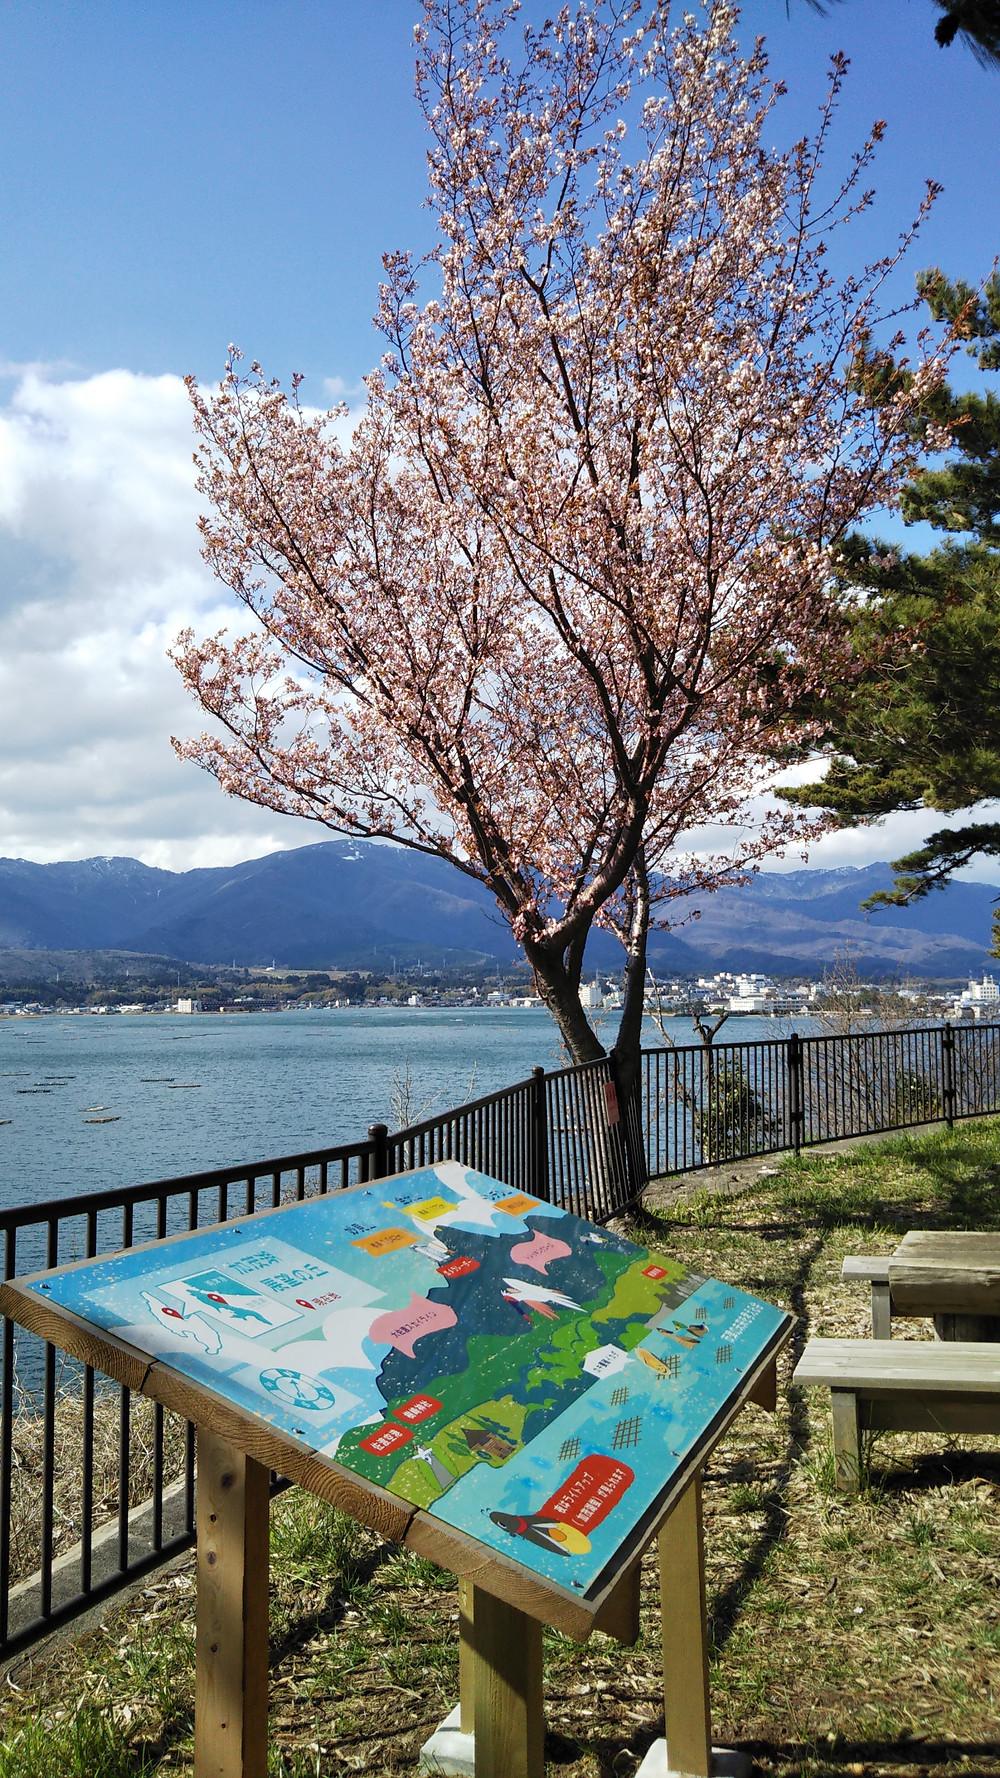 椎崎公園 椎崎諏訪神社 桜 加茂湖展望の丘